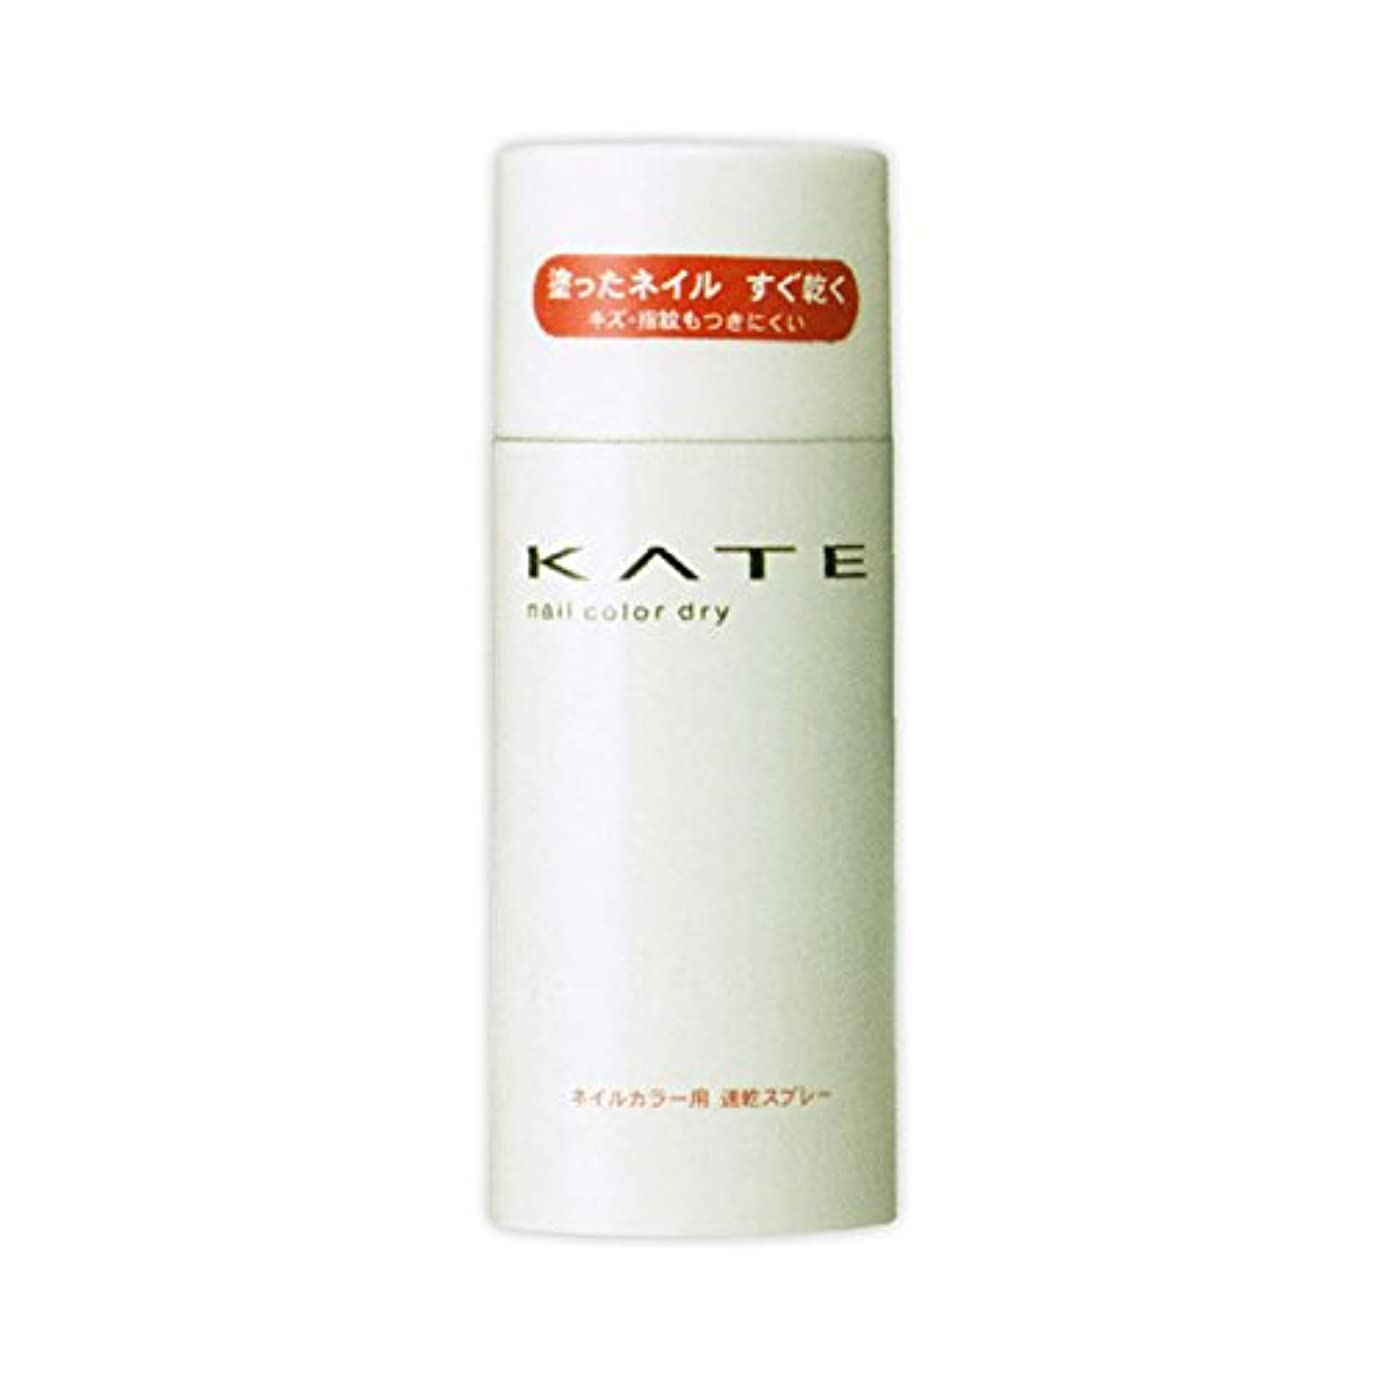 レッドデートご飯ヒューマニスティックカネボウ ケイト KATE ネイルカラードライ S 90g